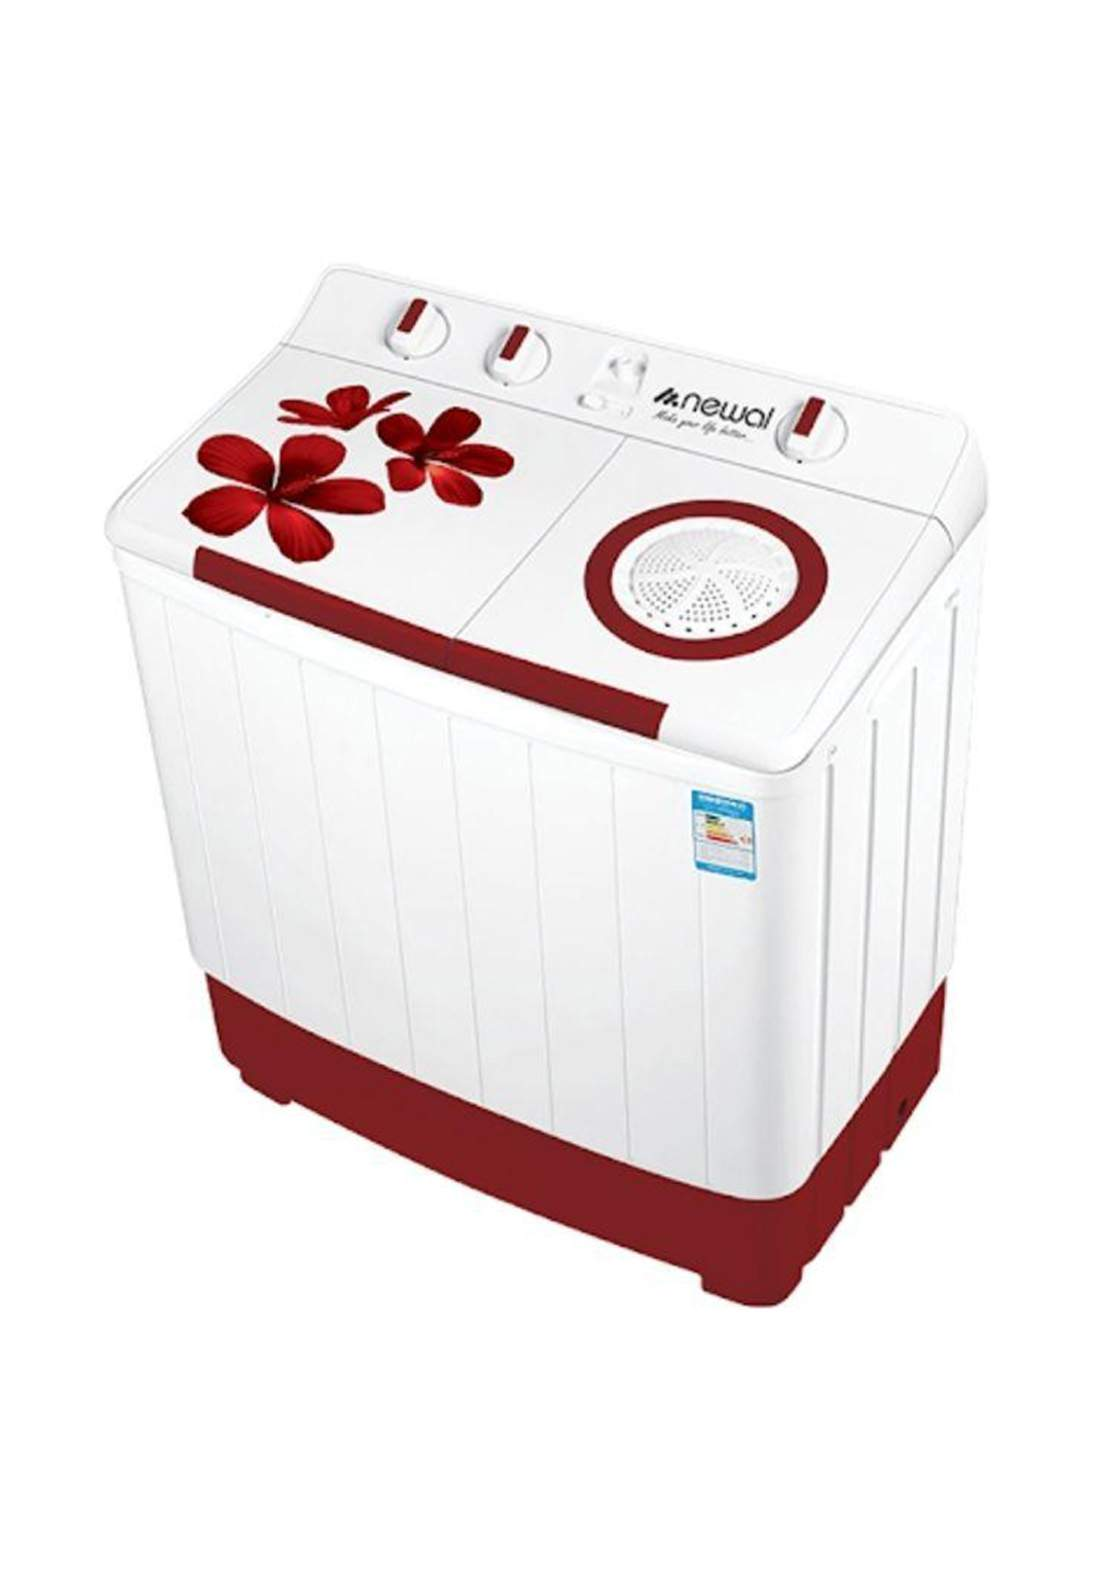 Newal WSH-6111-03 Washer غسالة ملابس